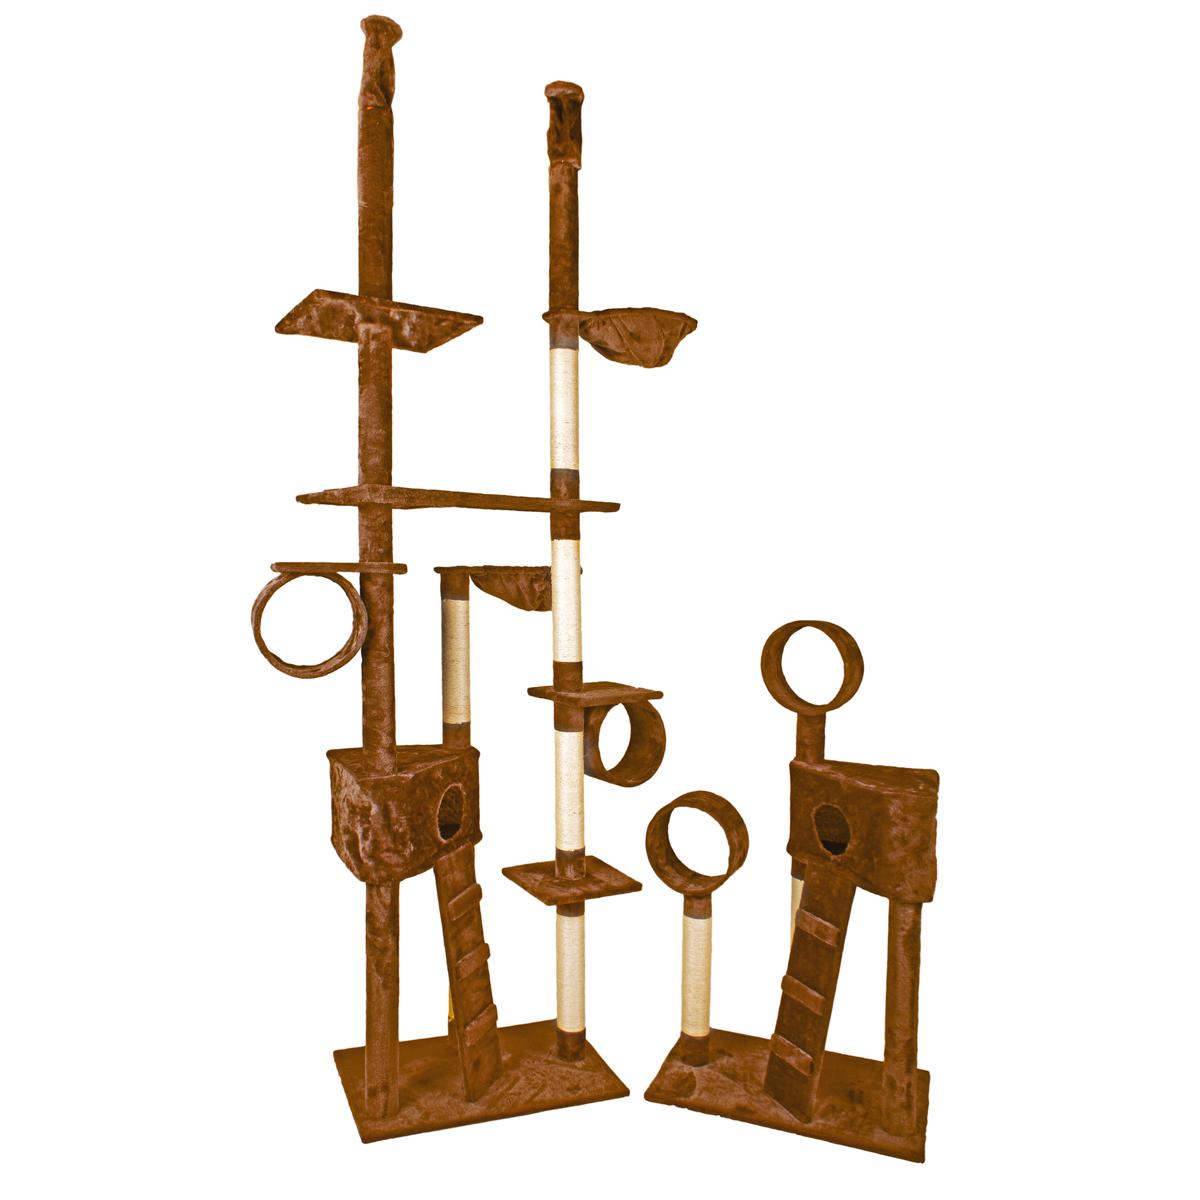 kratzbaum katzenkratzbaum kletterbaum f r katzen h he bis 250cm katzenbaum sisal ebay. Black Bedroom Furniture Sets. Home Design Ideas